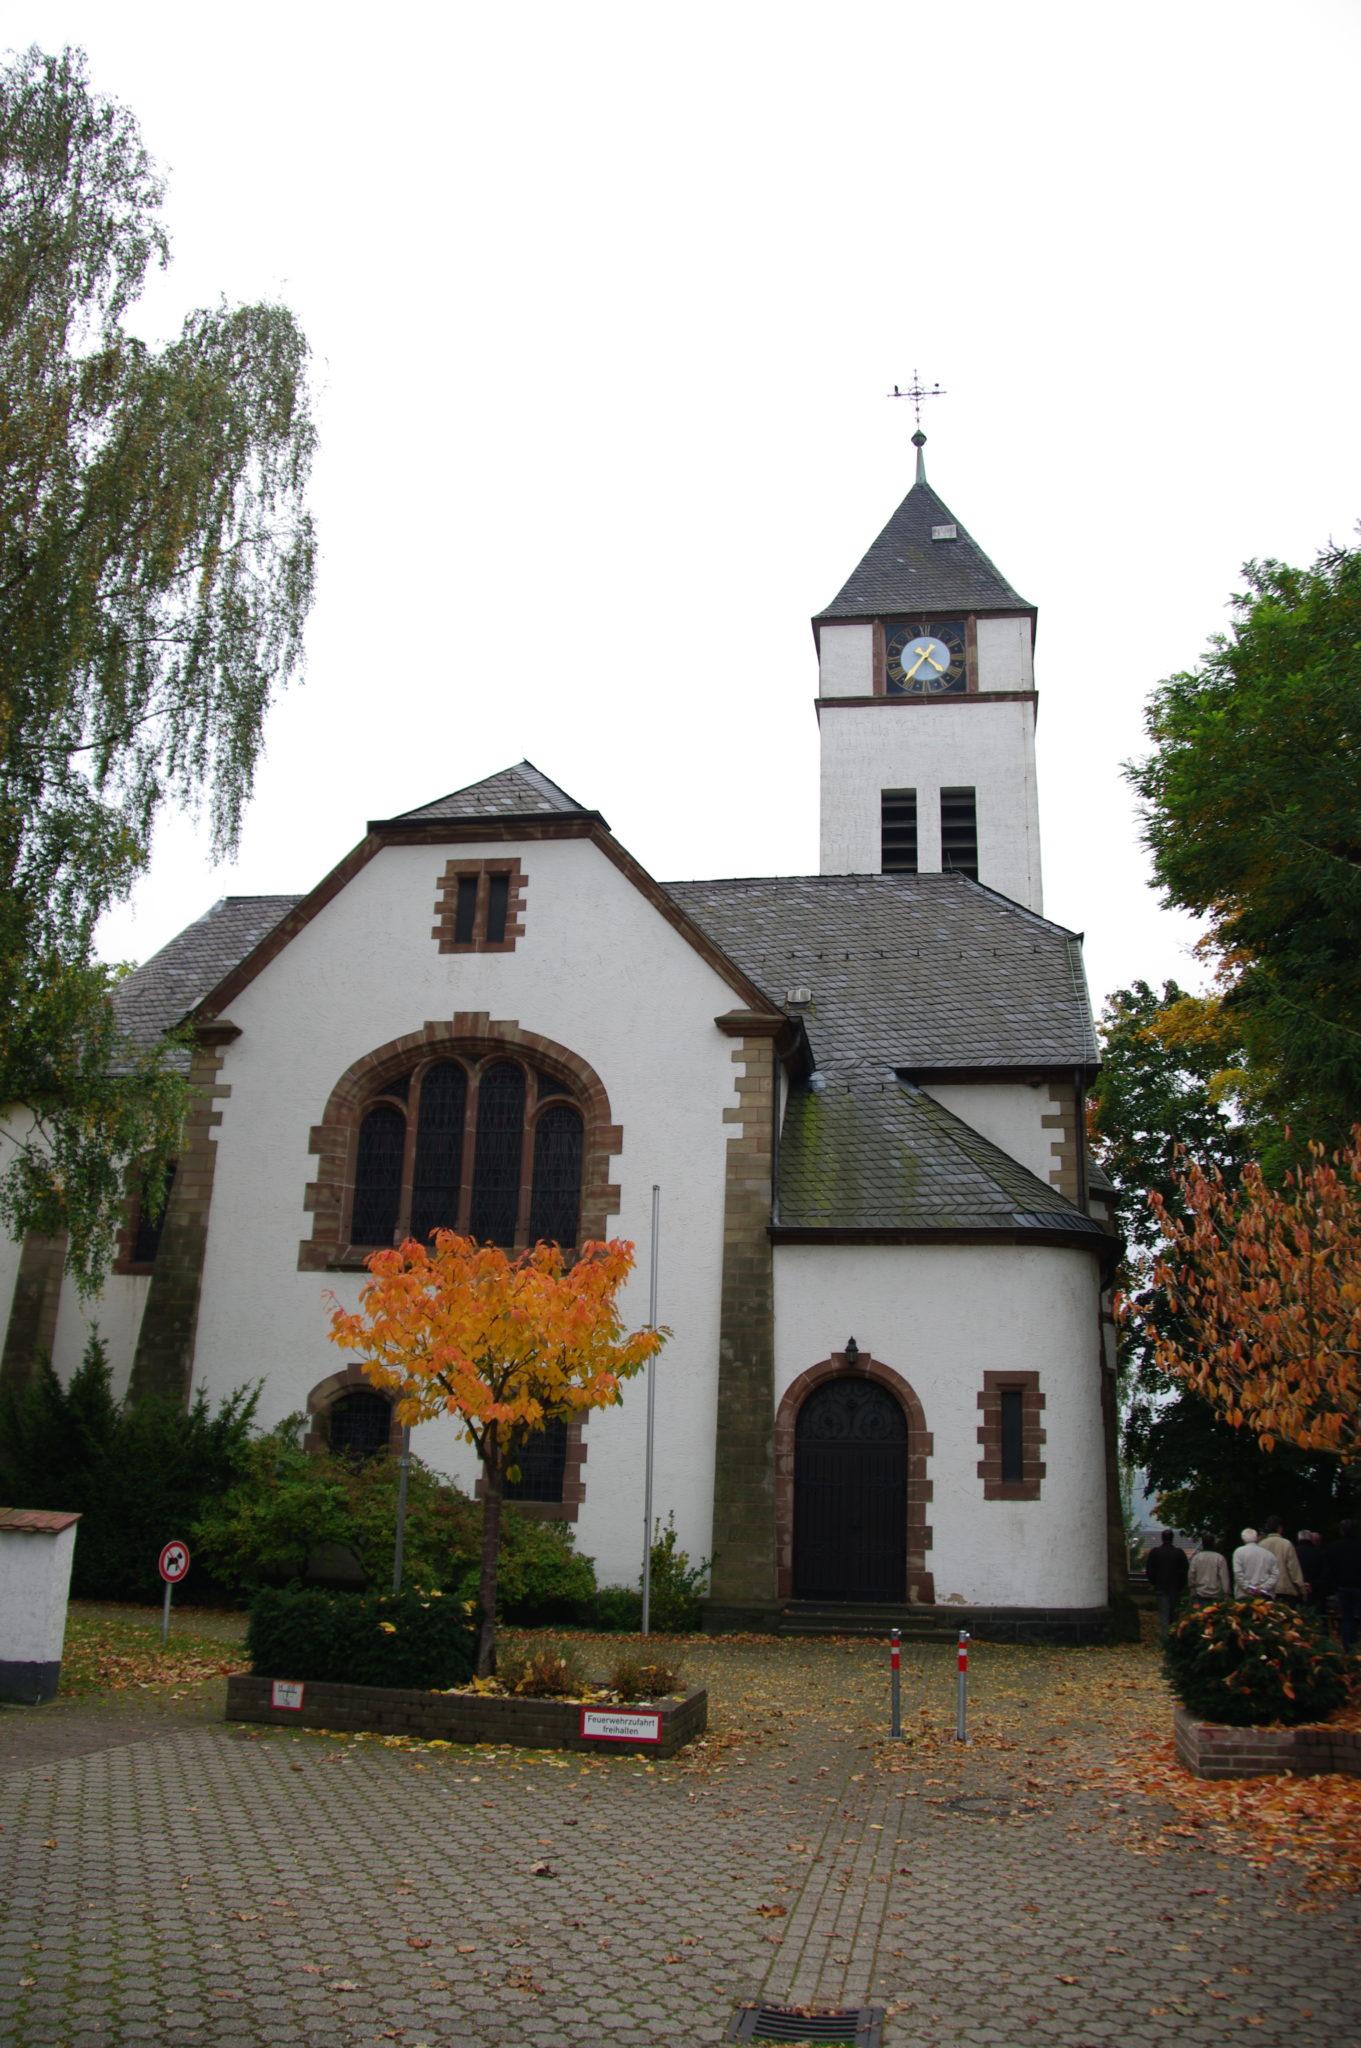 zu sehen ist die evangelische Kirche mit Vordereingang